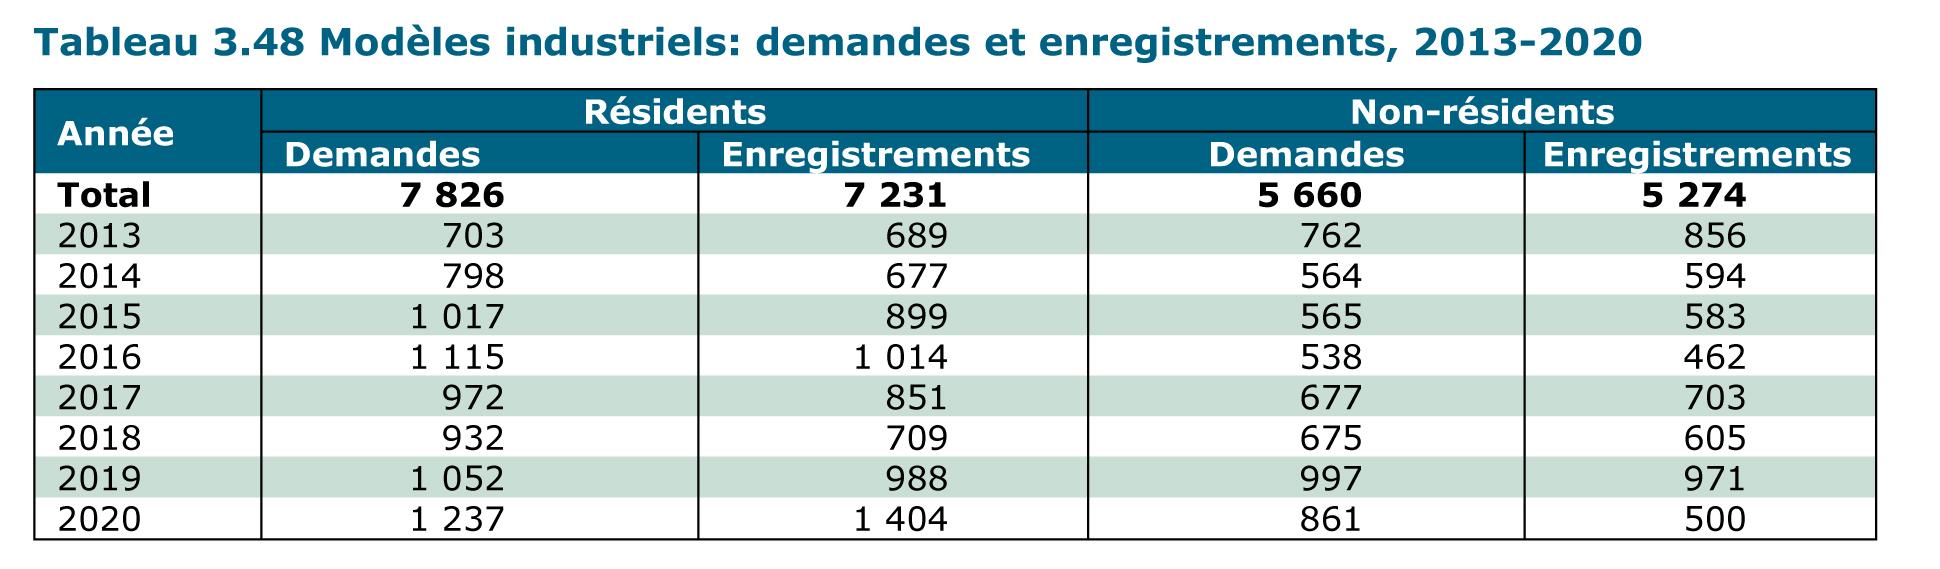 Modèles industriels : demandes et enregistrements 2013-2020